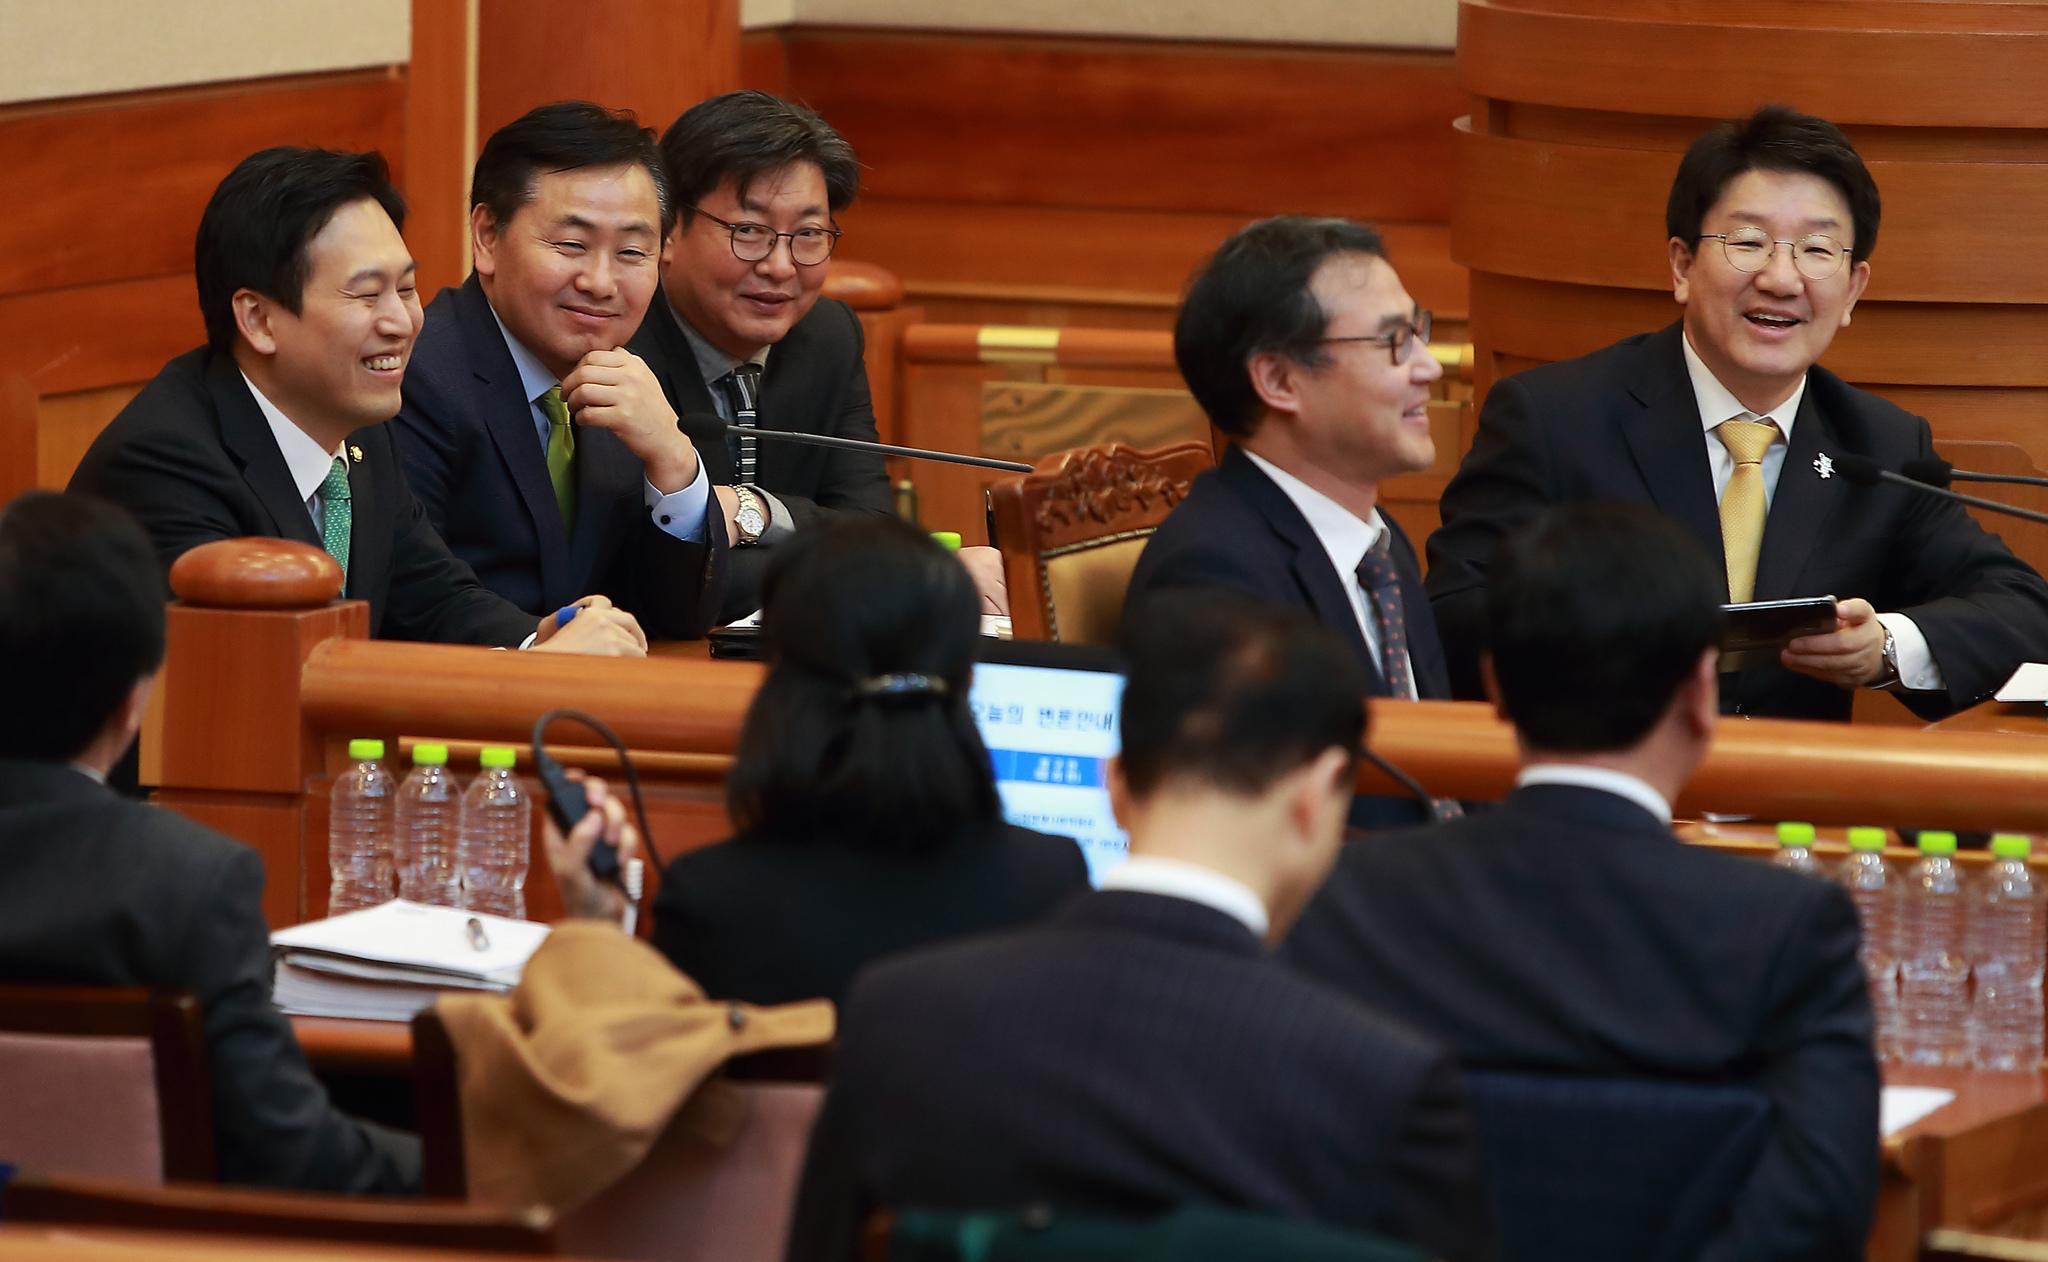 16일 오후 서울 종로구 재동 헌법재판소 대심판정에서 열린 박근혜 대통령 탄핵심판 14차 변론에서 국회소추위원장인 권성동 법사위원장 등 소추위원과 변호사들이 변론을 준비하며 이야기를 나누고 있다. 사진공동취재단